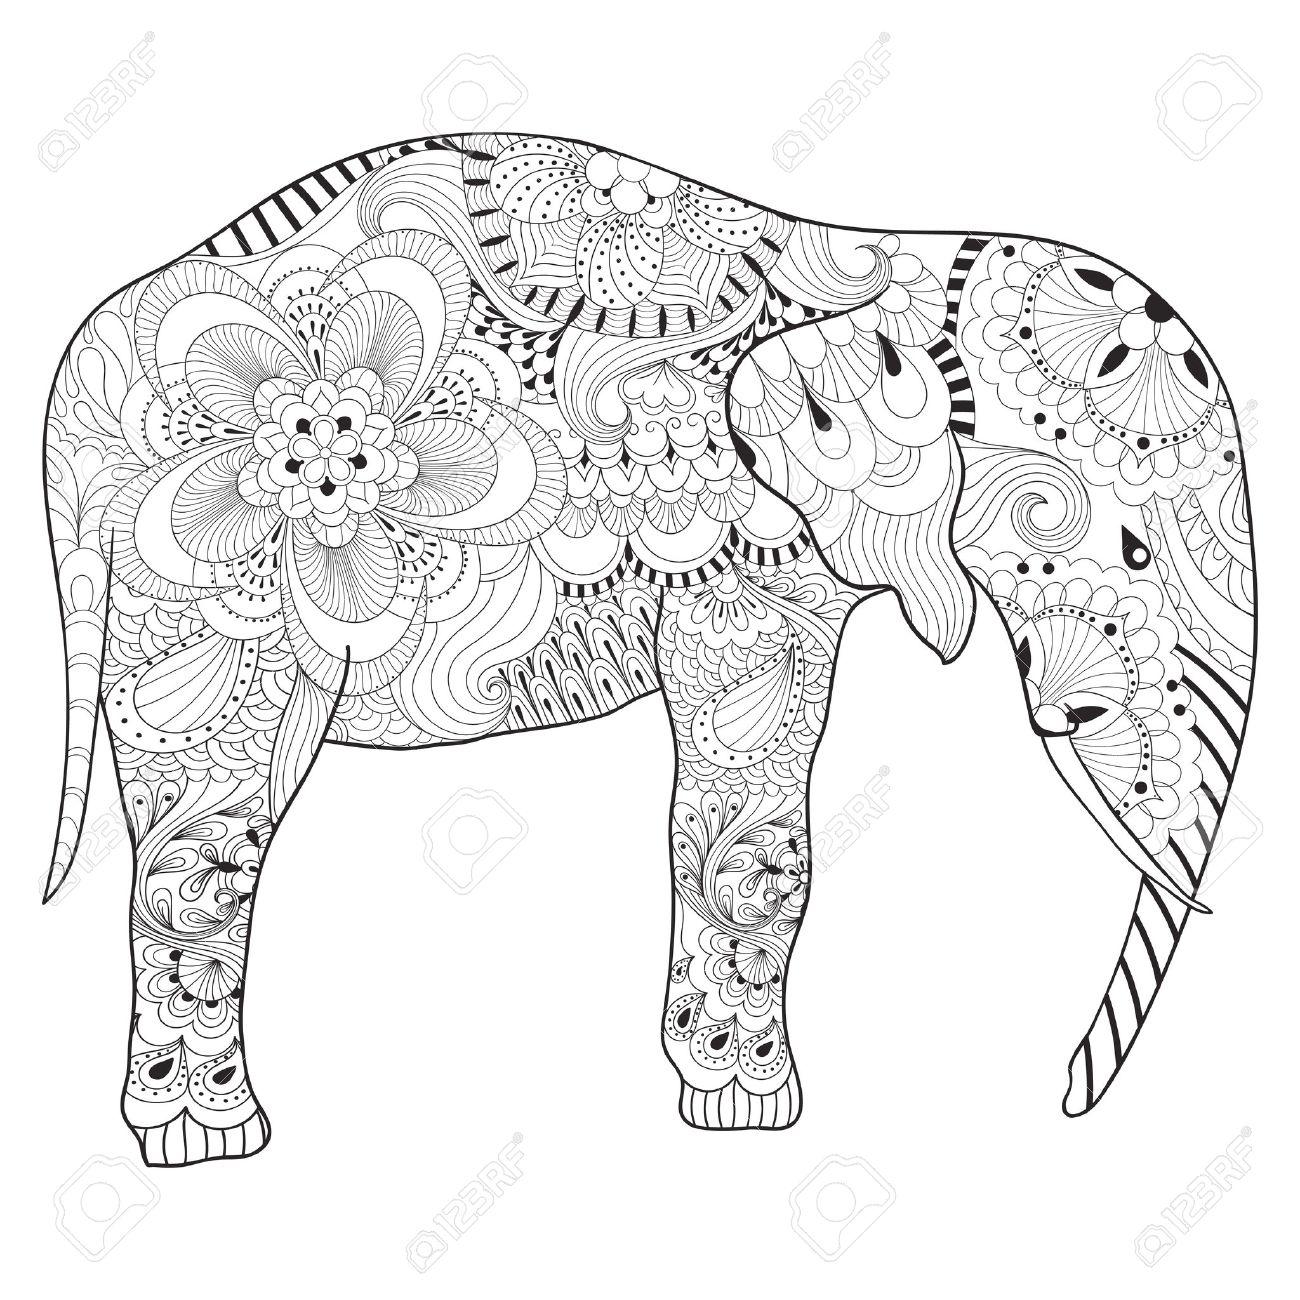 Wunderbar Malseite Elefant Mit Design Galerie - Malvorlagen Von ...